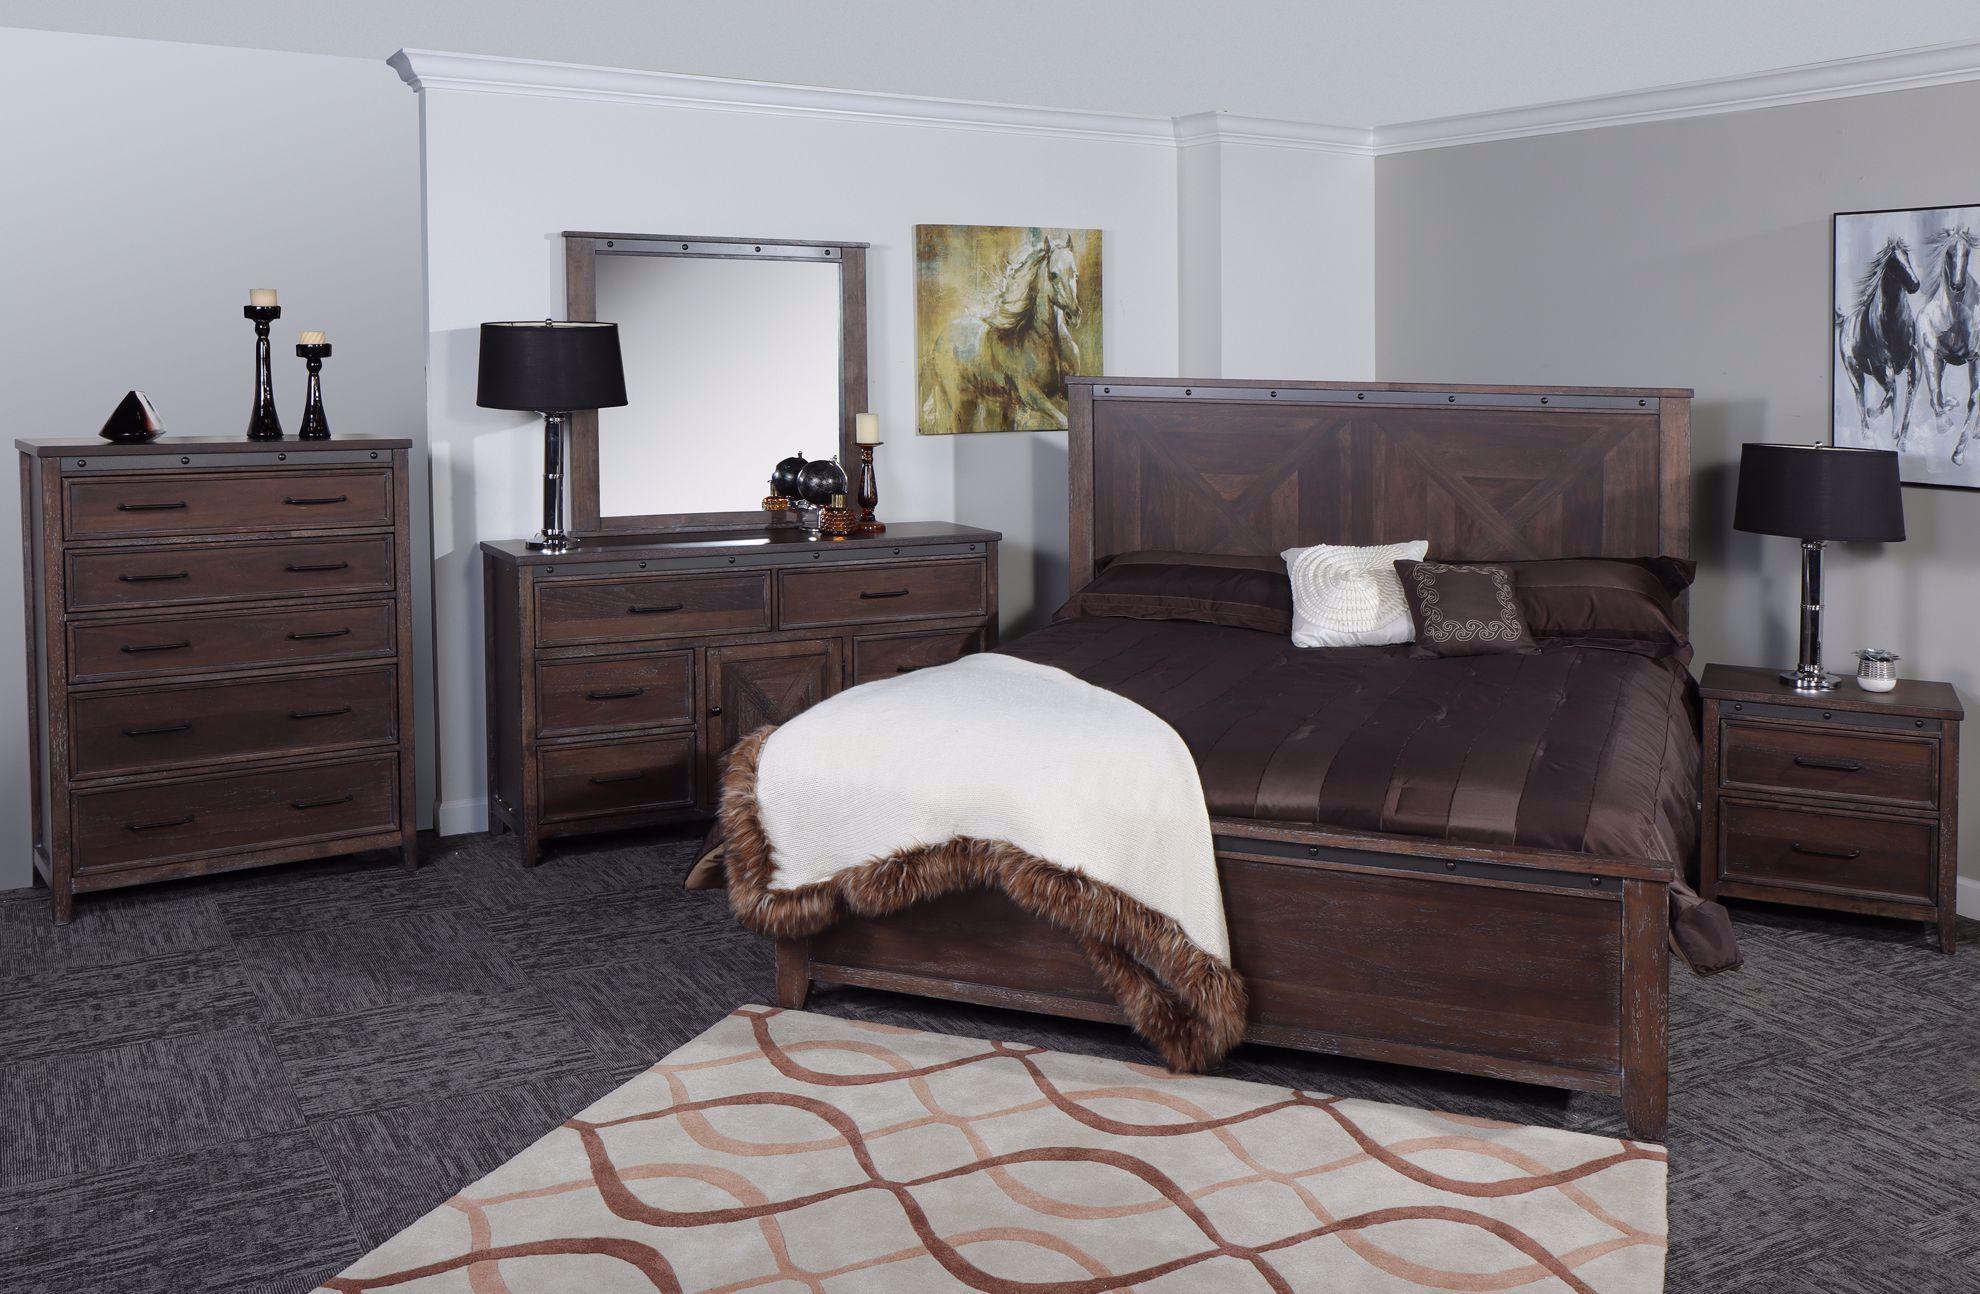 Picture of Stonehurst Queen Bedroom Set